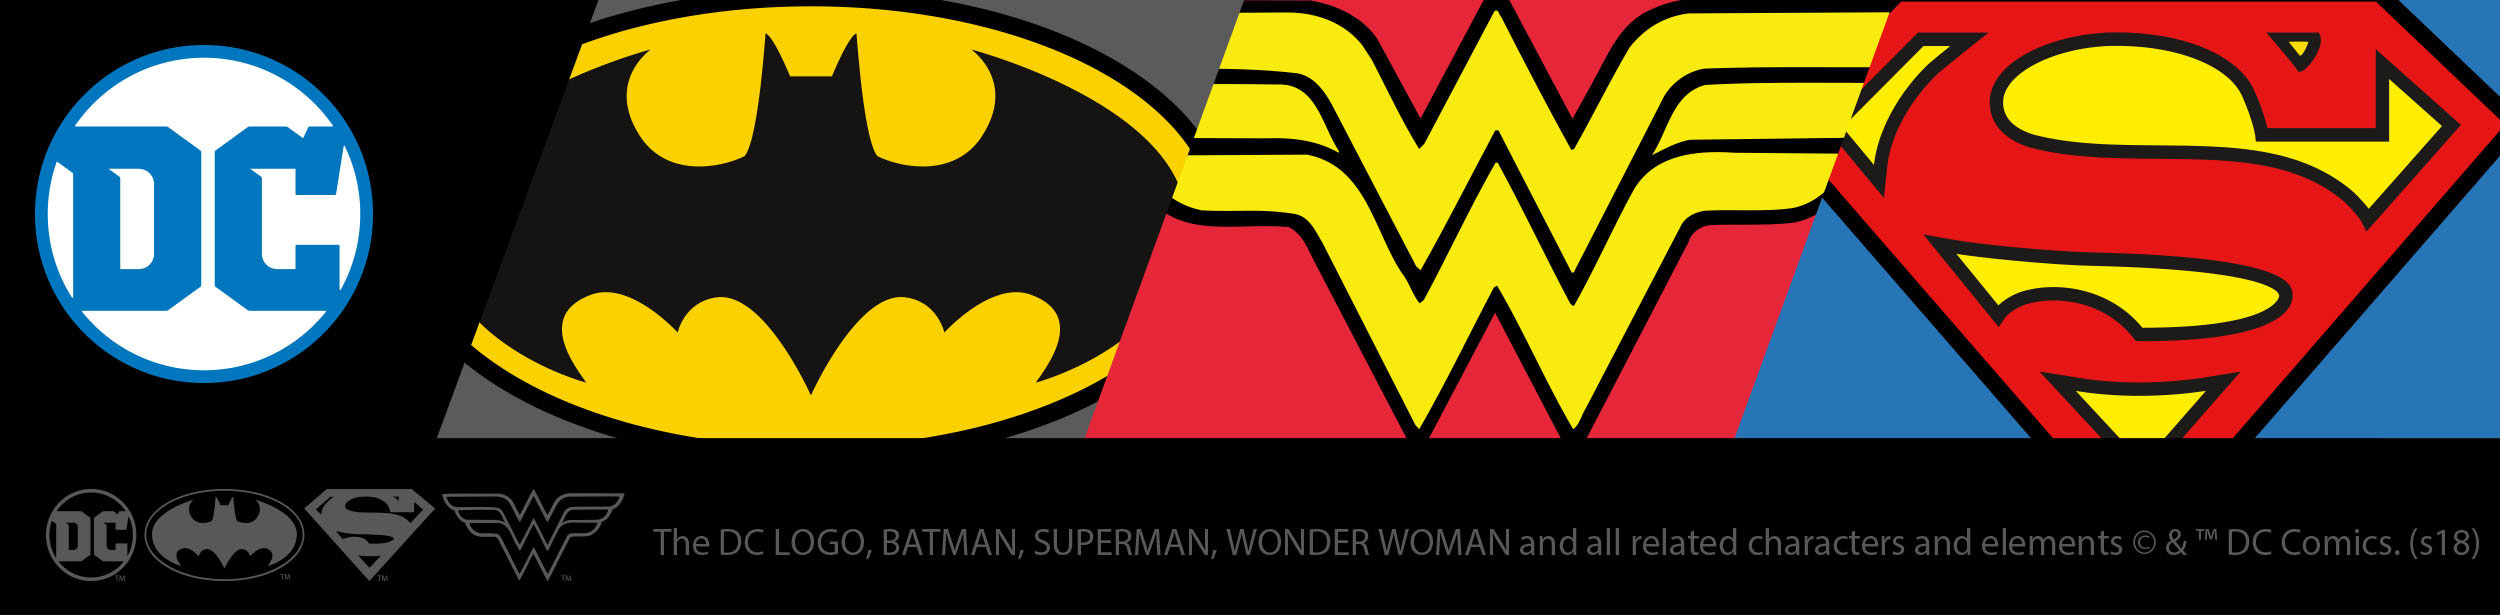 DC-COMIC_Web-banner.jpg